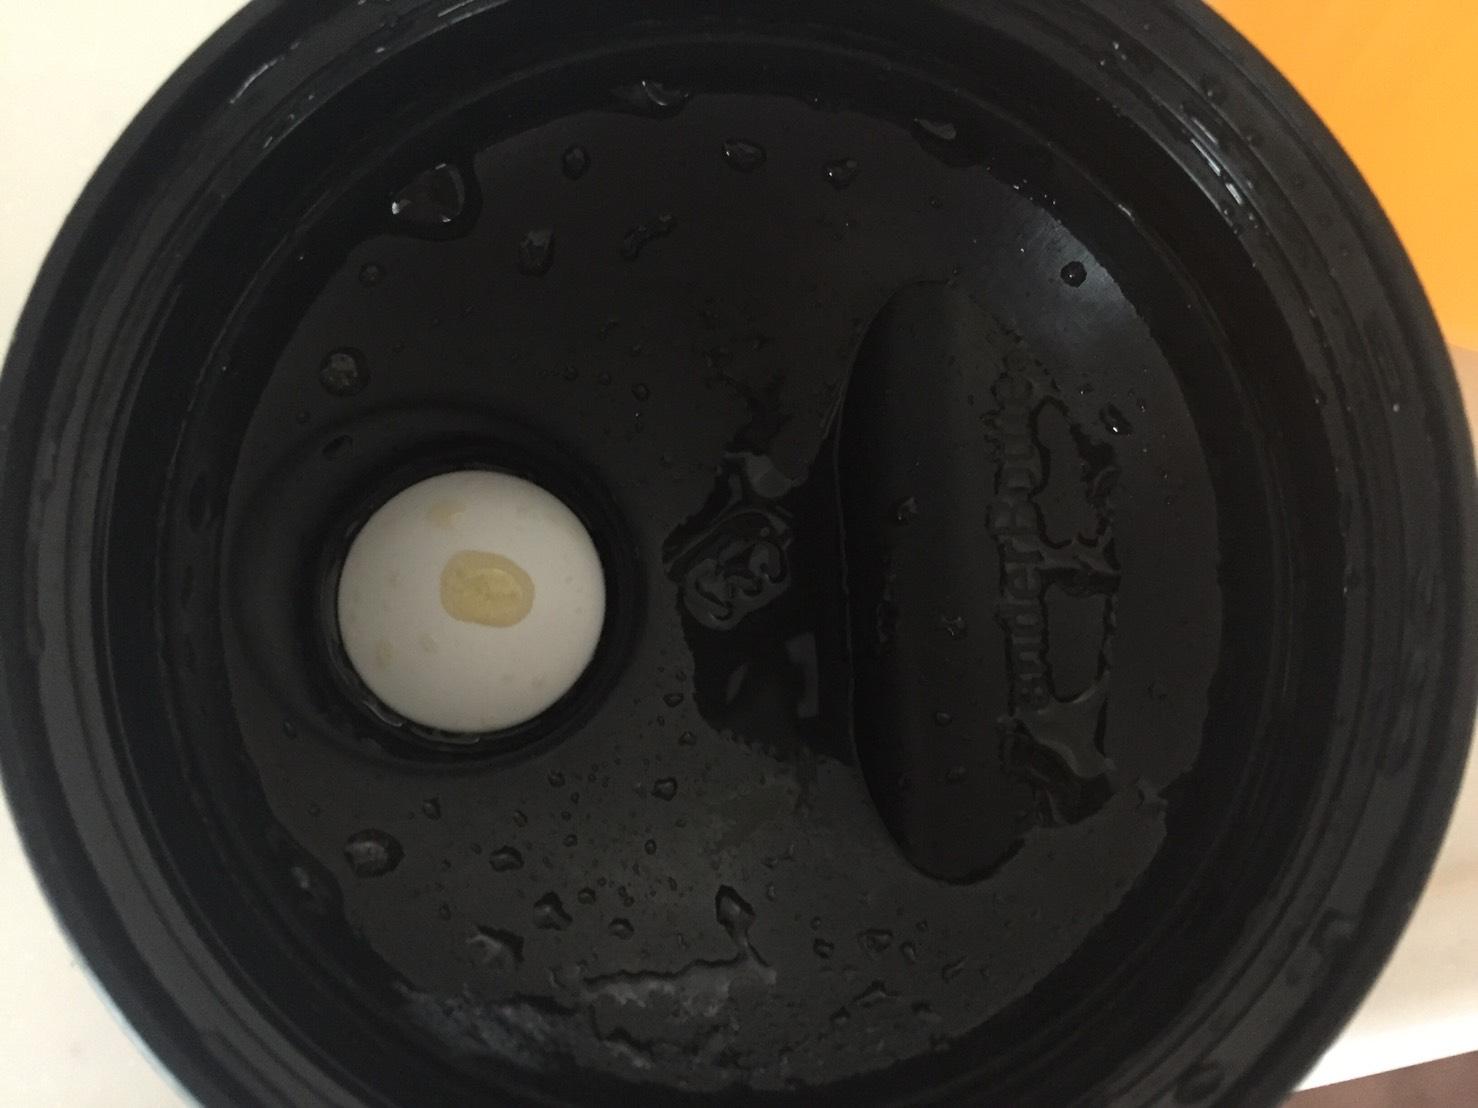 L-グルタミン「PEACH&MANGO FLAVOUR(ピーチ&マンゴー味)」を溶かした様子。蓋側